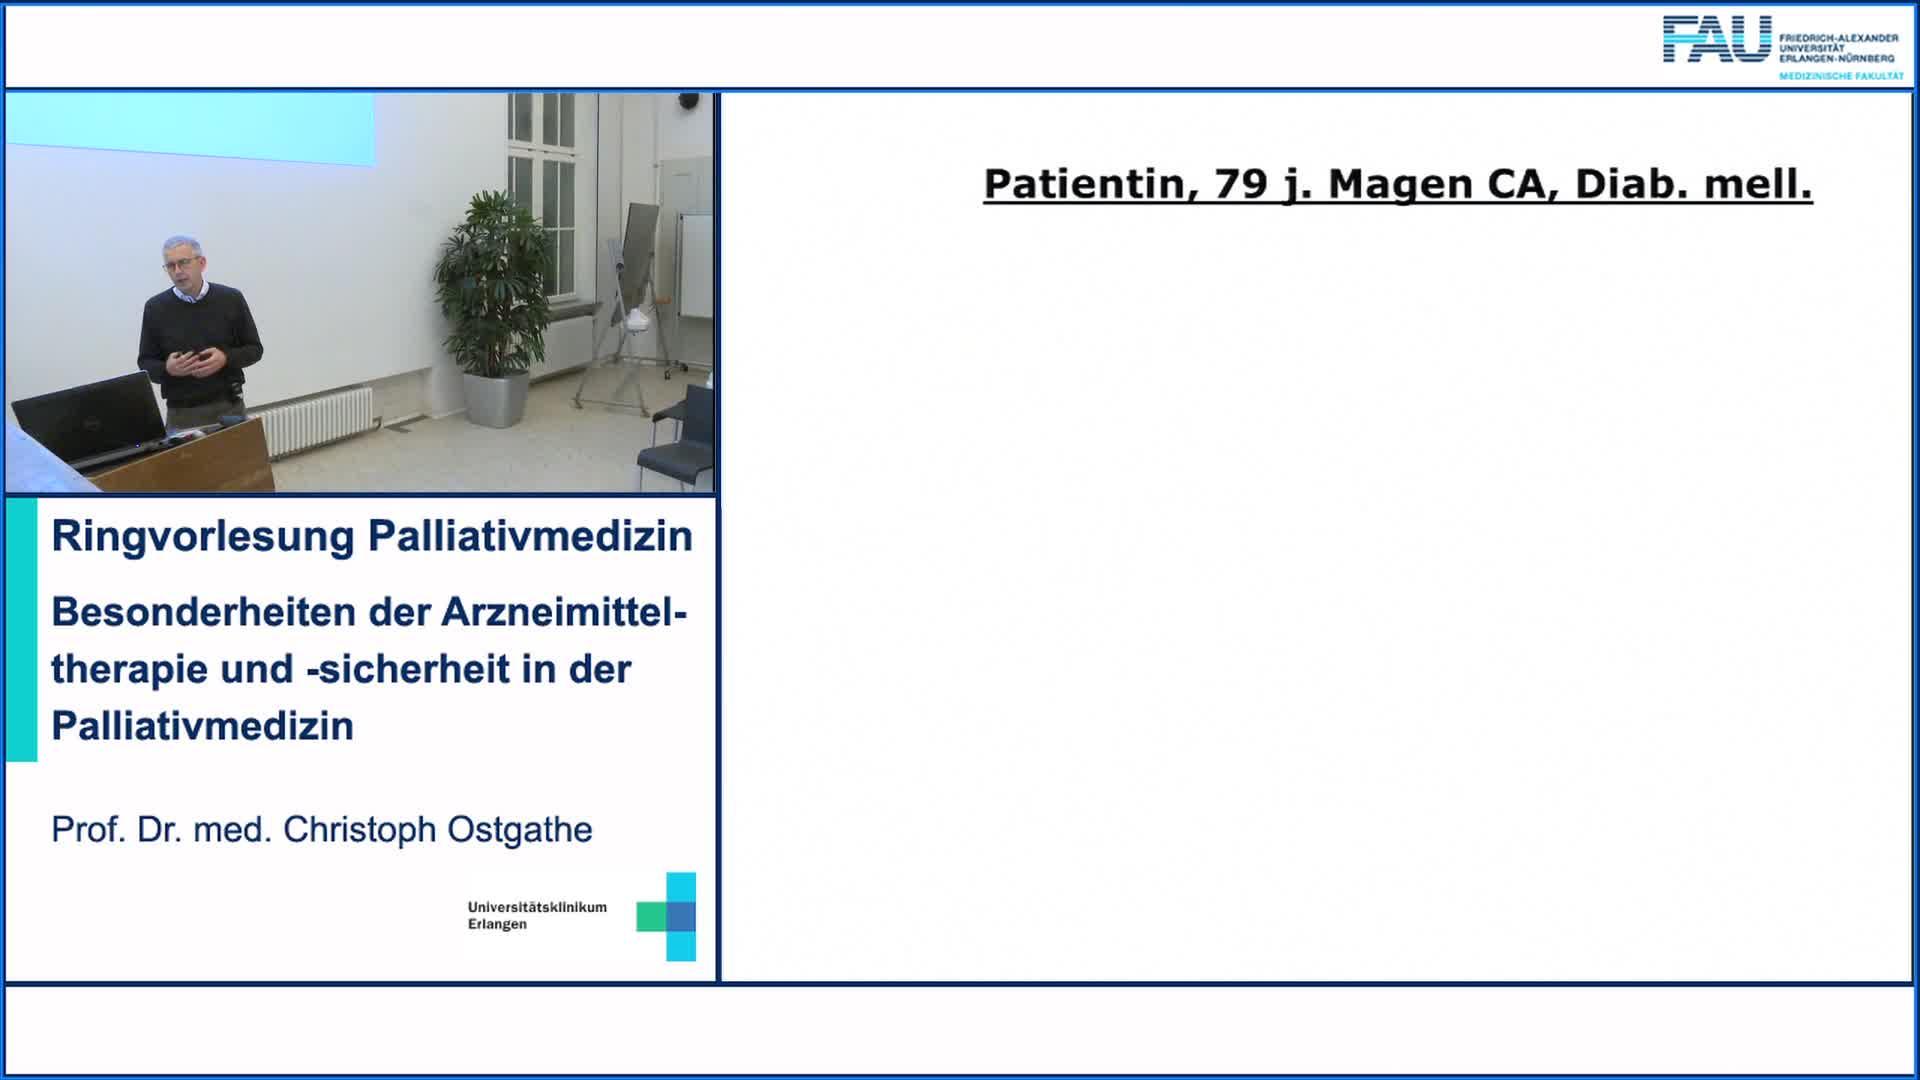 Besonderheiten der Arzneimitteltherapie und -sicherheit in der  Palliativmedizin preview image